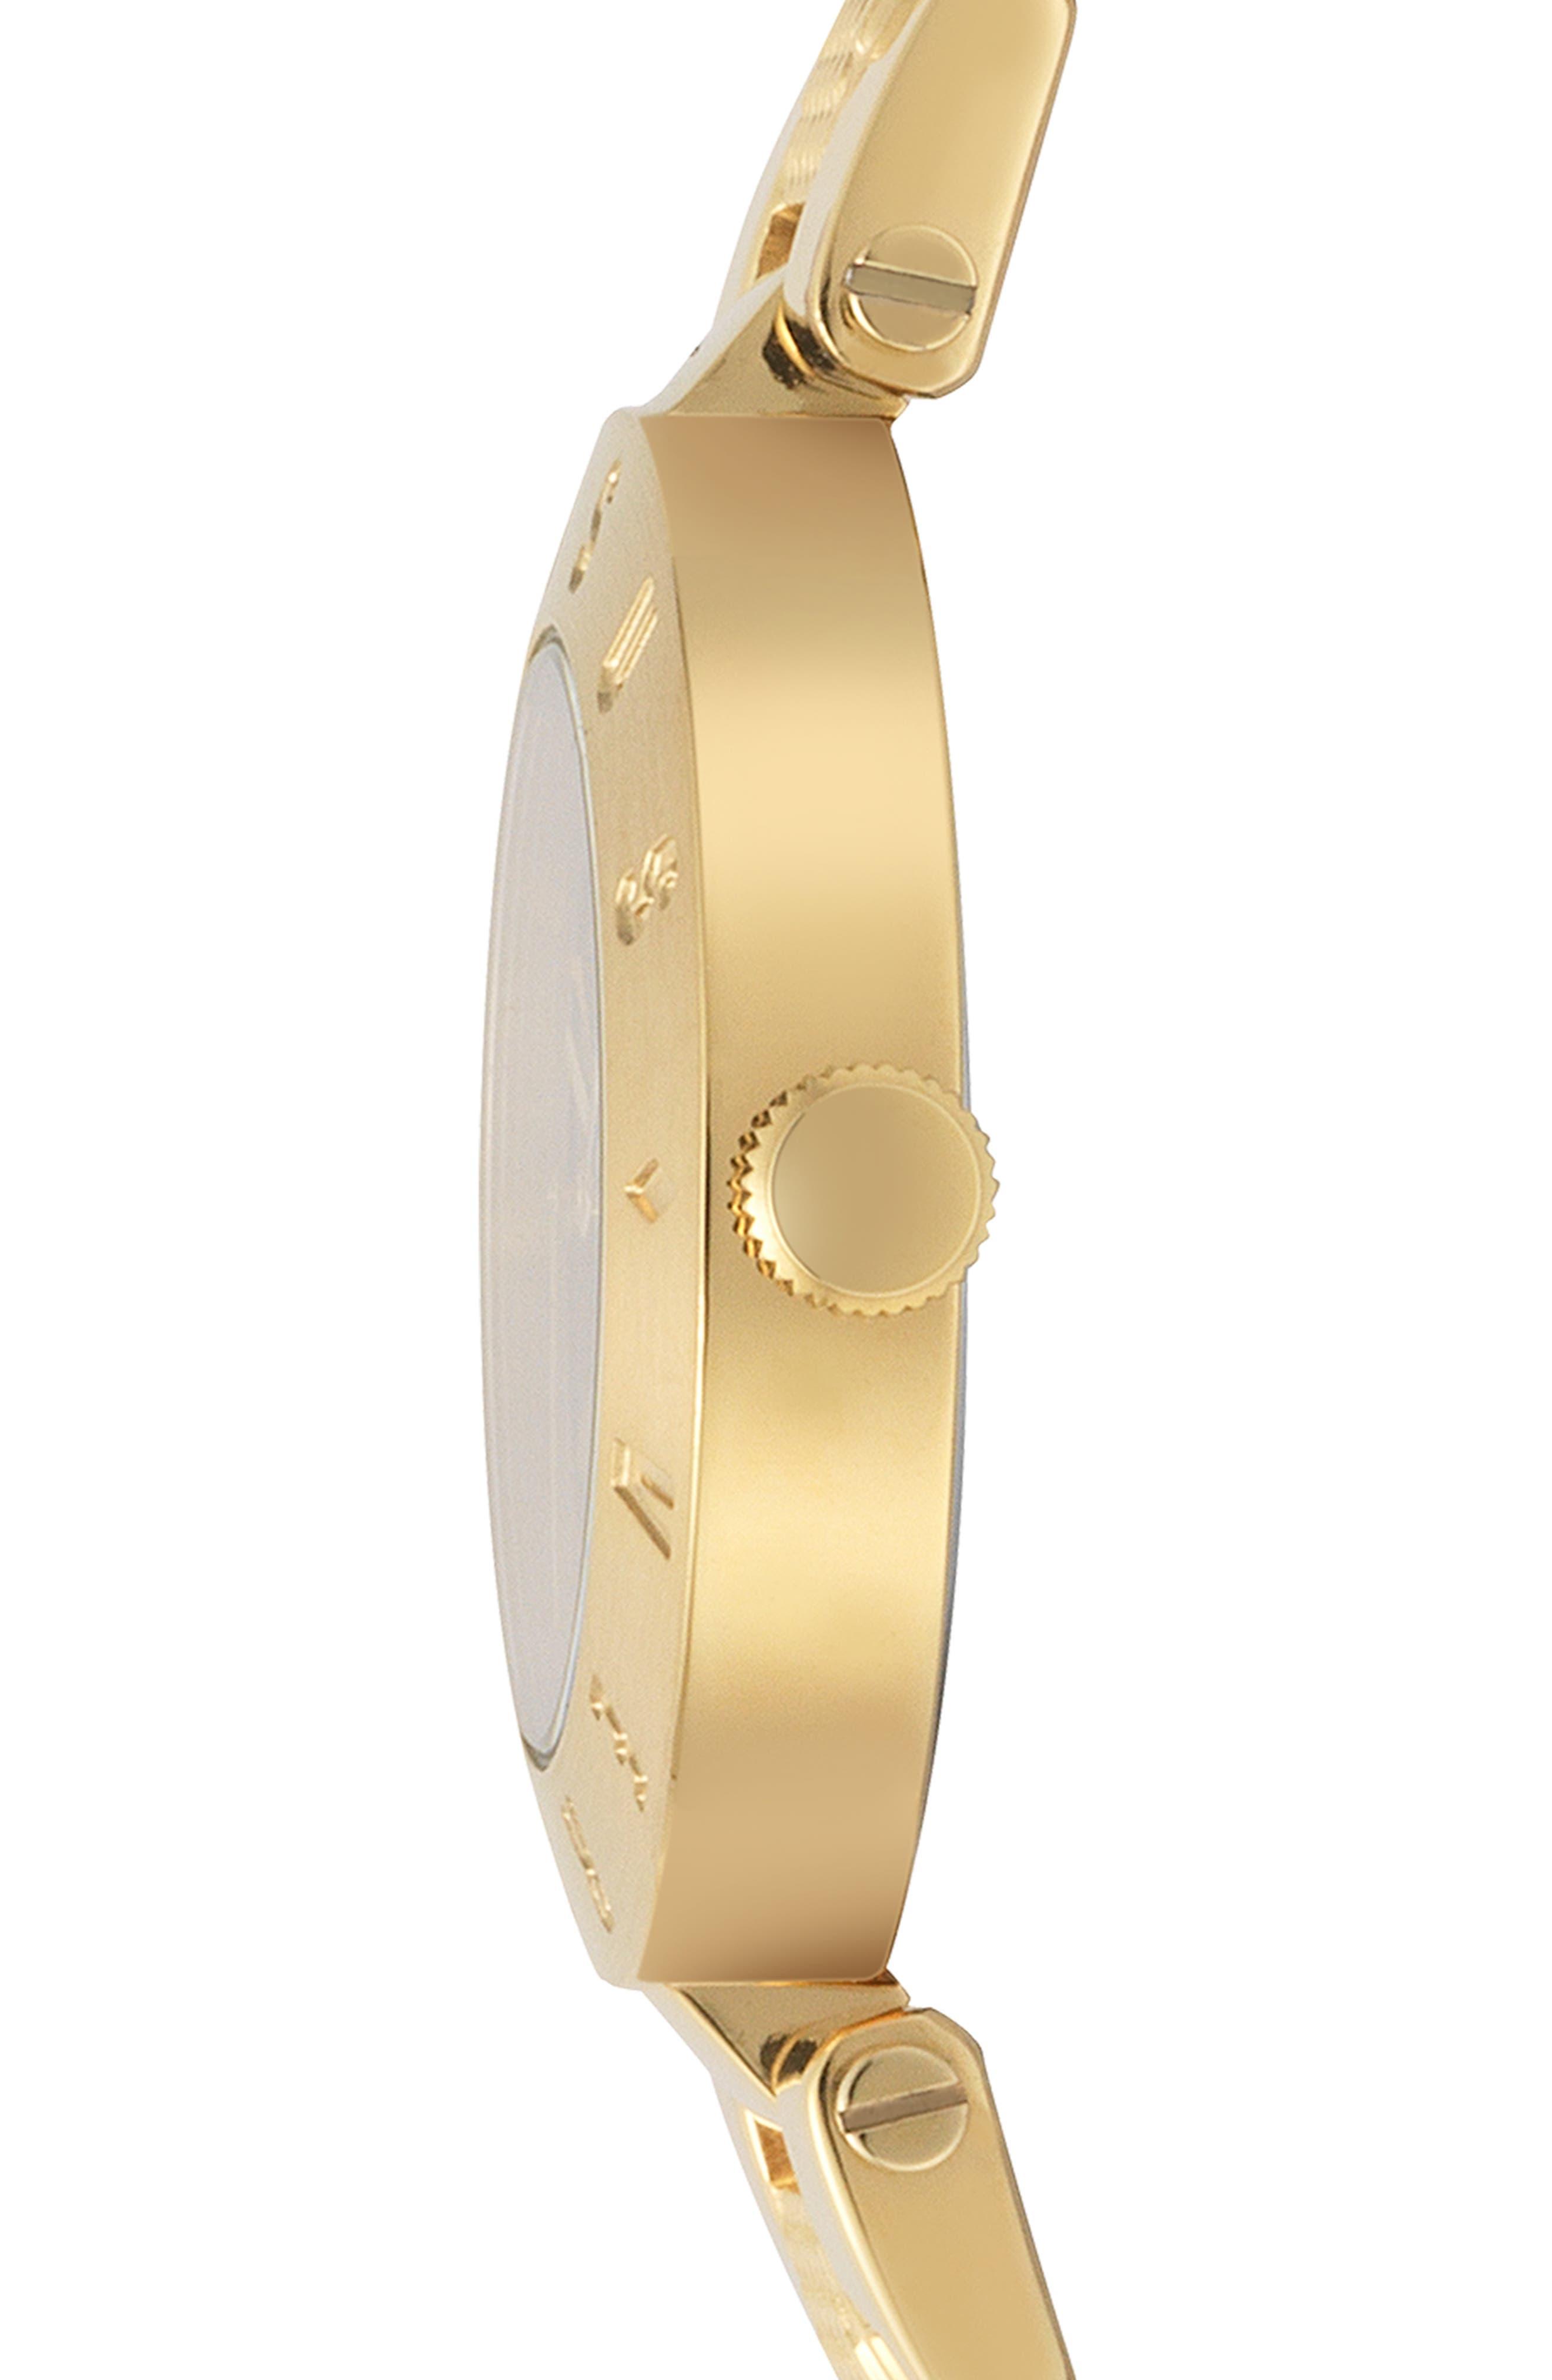 VERSUS VERSACE, Logo Bracelet Watch, 34mm, Alternate thumbnail 2, color, GOLD/ BLUE